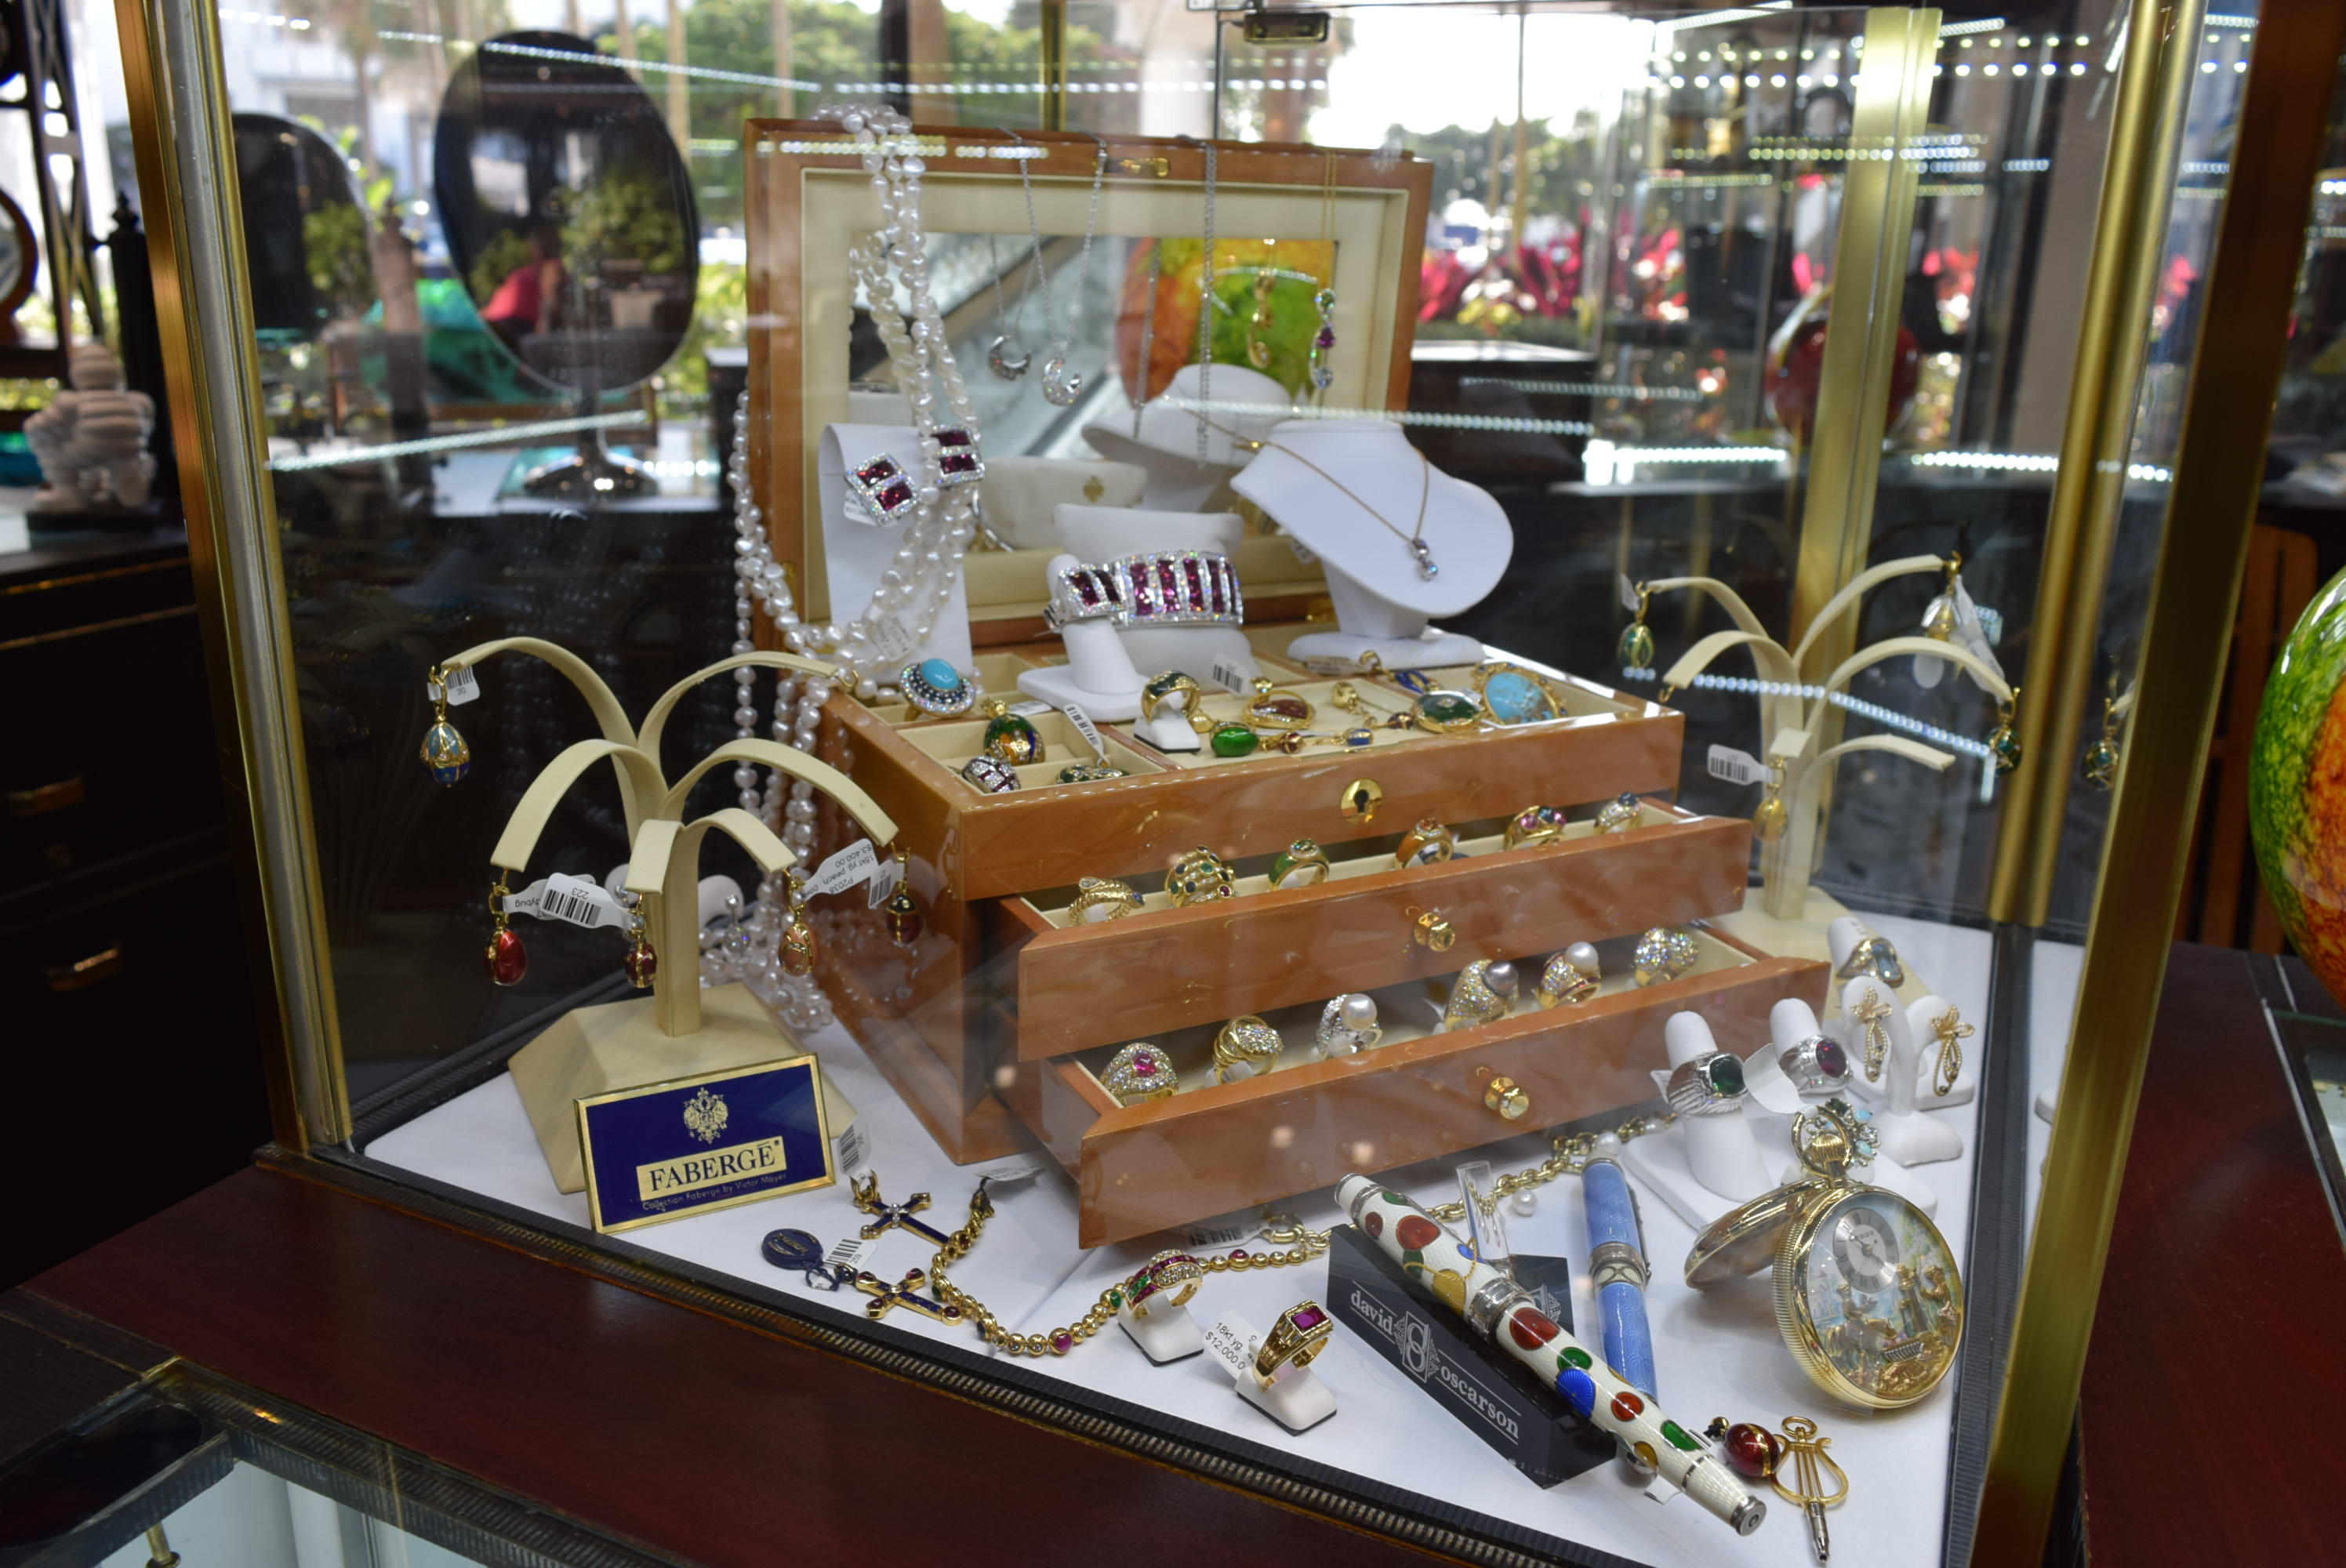 carrazza jewelers in fort lauderdale fl 33316